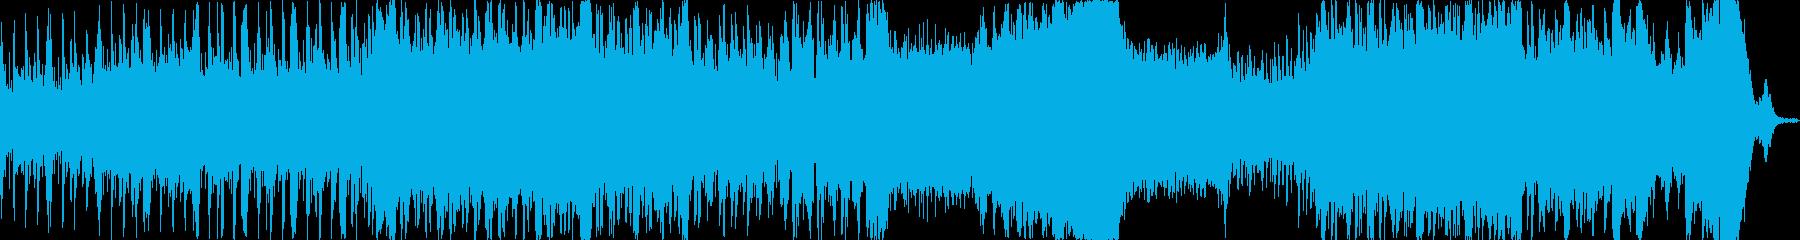 シネマティック サスペンス アクシ...の再生済みの波形